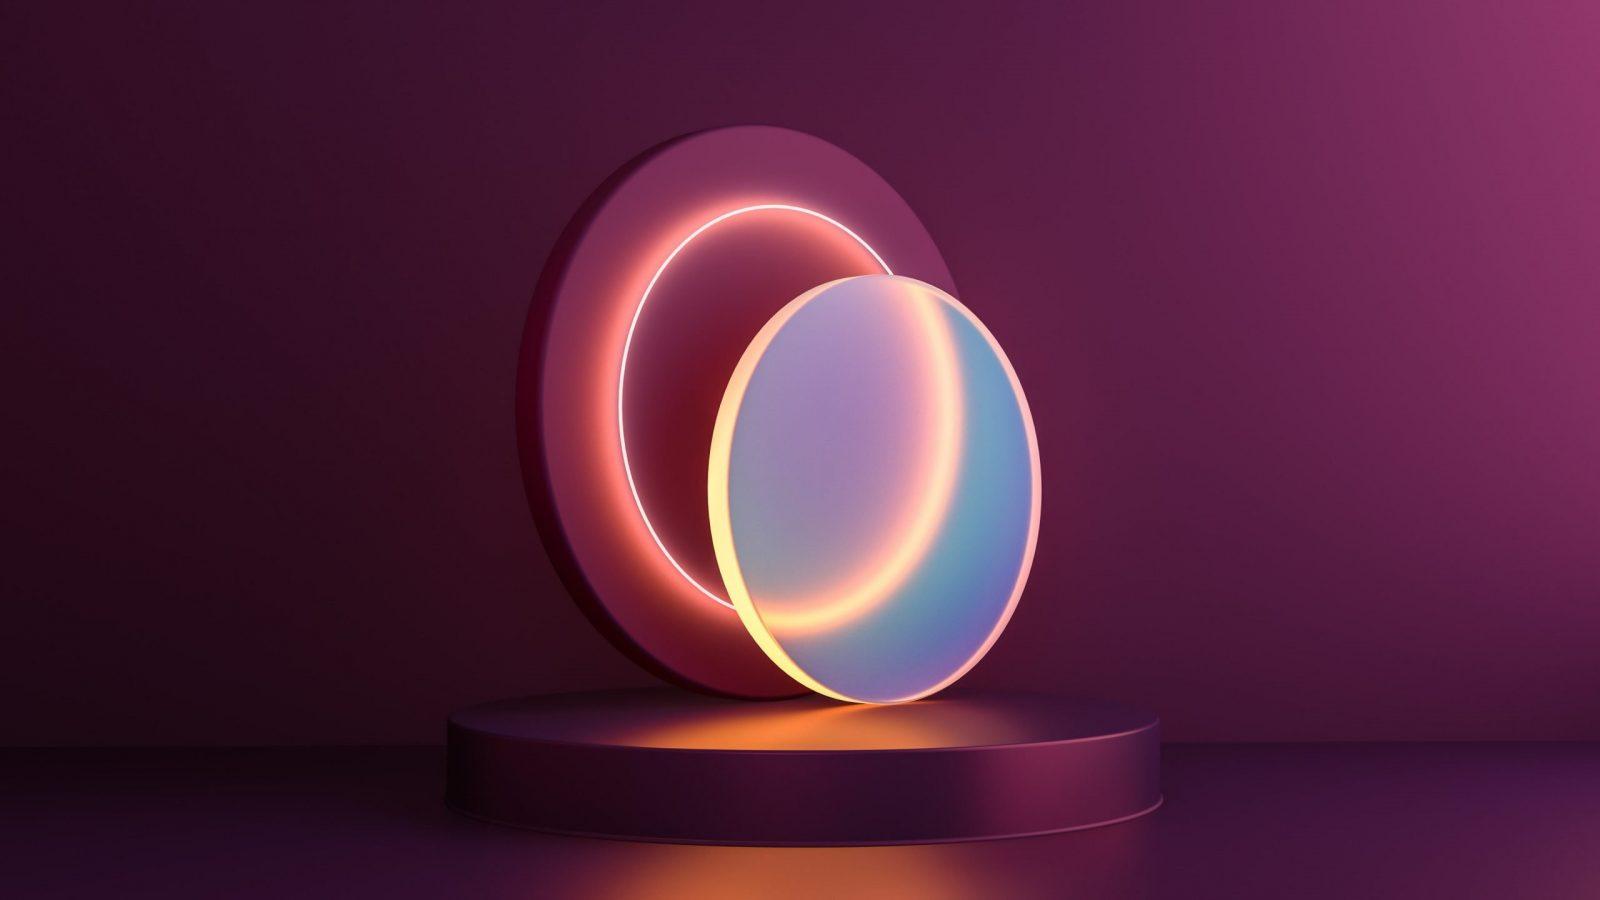 purple lighting display aalofts design scaled